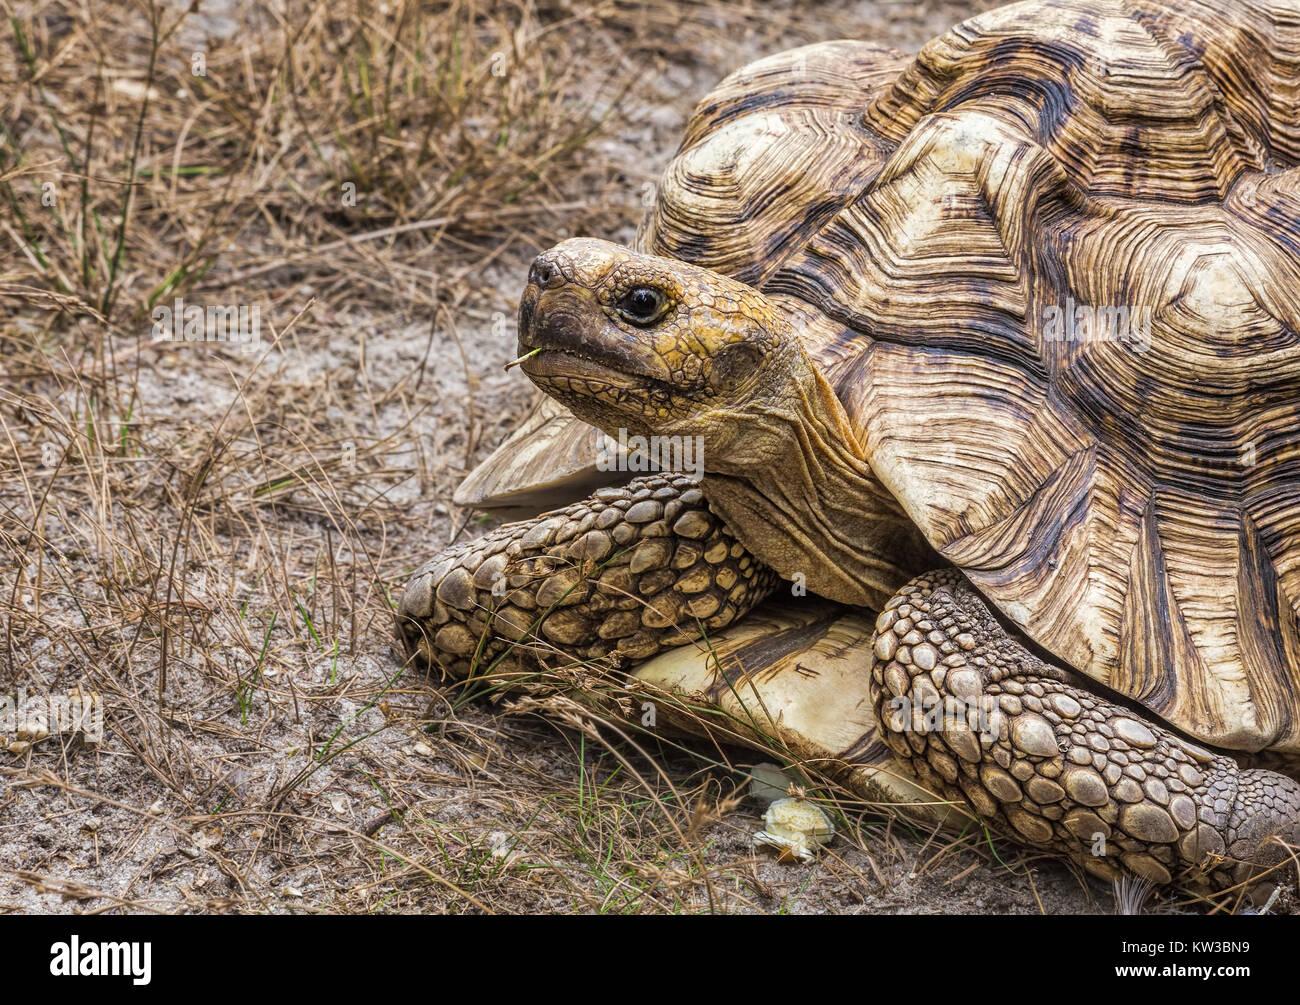 Una tortuga gigante de Aldabra (Aldabrachelys gigantea) Imagen De Stock